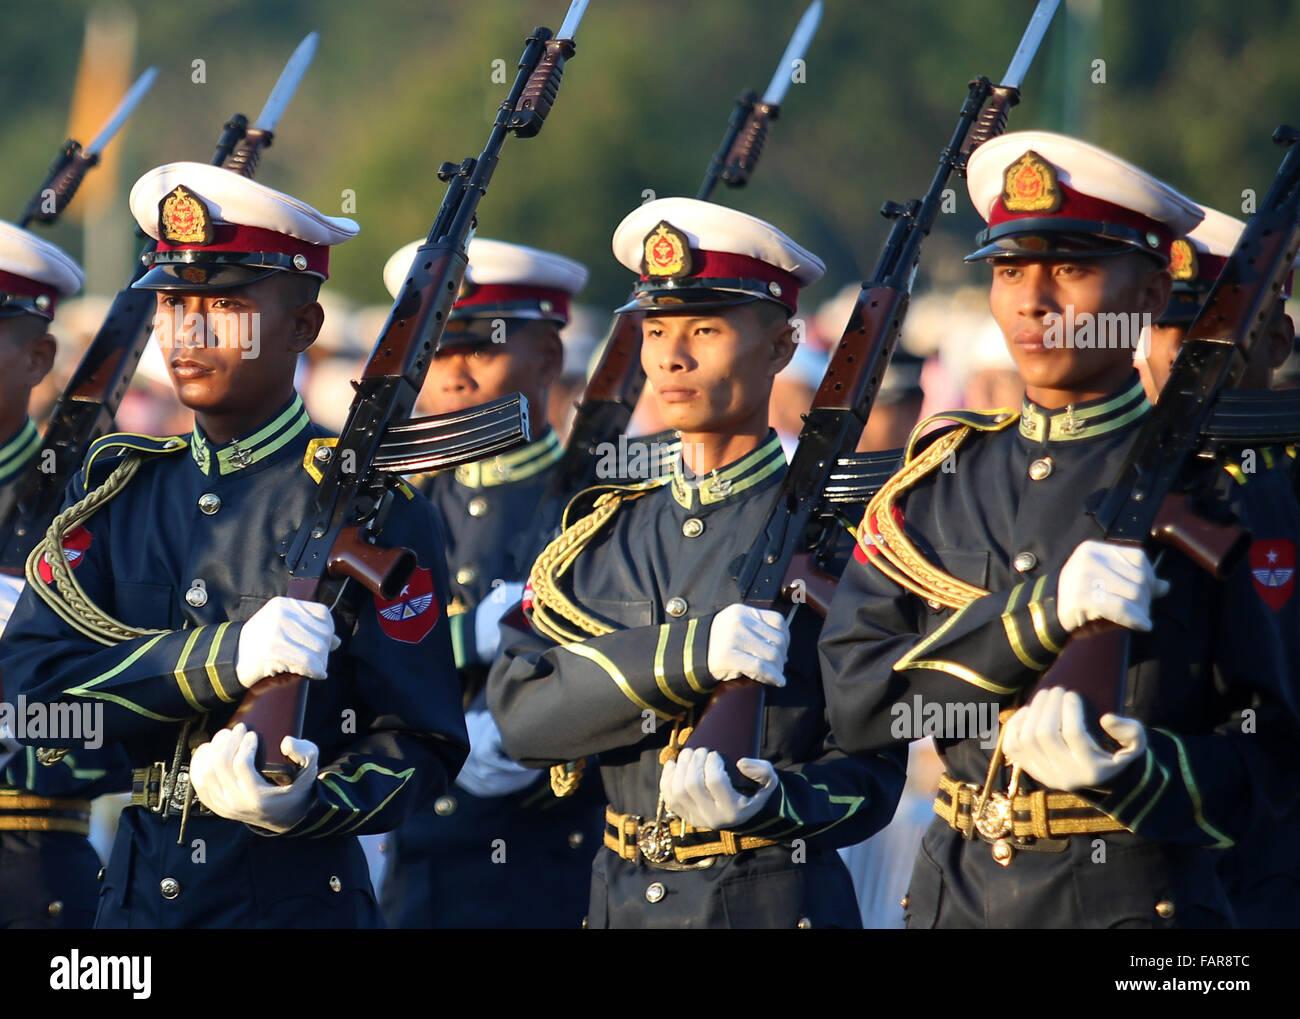 Nay Pyi Taw, le Myanmar. 4 janvier, 2016. Garde d'honneur militaire du Myanmar assister à une cérémonie pour célébrer le 68e jour de l'indépendance du Myanmar à Nay Pyi Taw, le Myanmar, le 4 janvier 2016. Credit: U Aung/Xinhua/Alamy Live News Banque D'Images